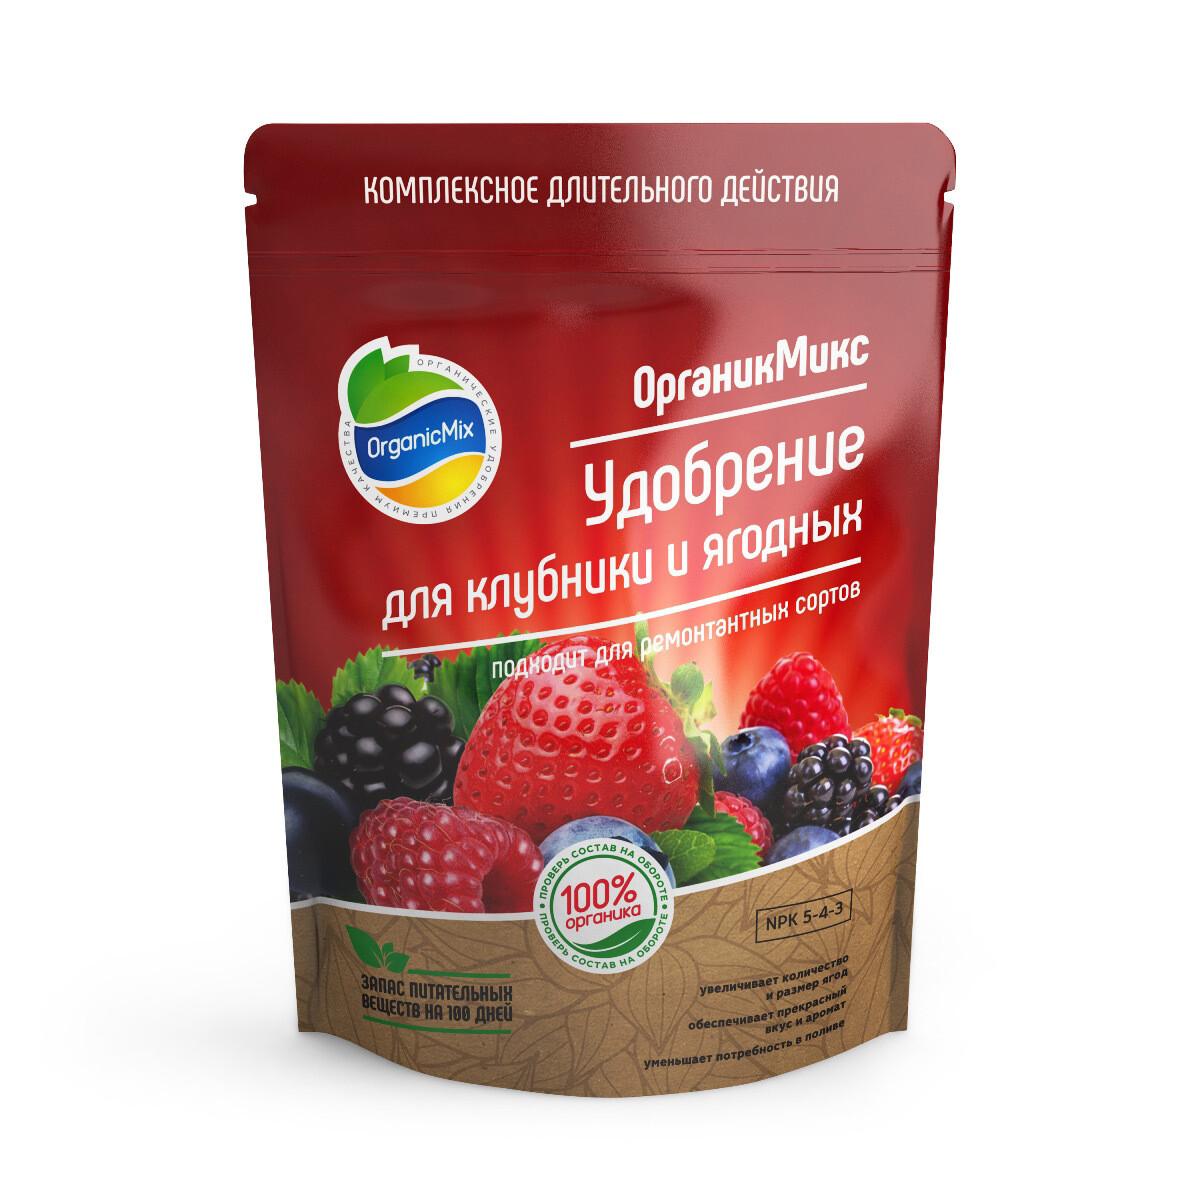 Удобрение для клубники и ягодных 800гр